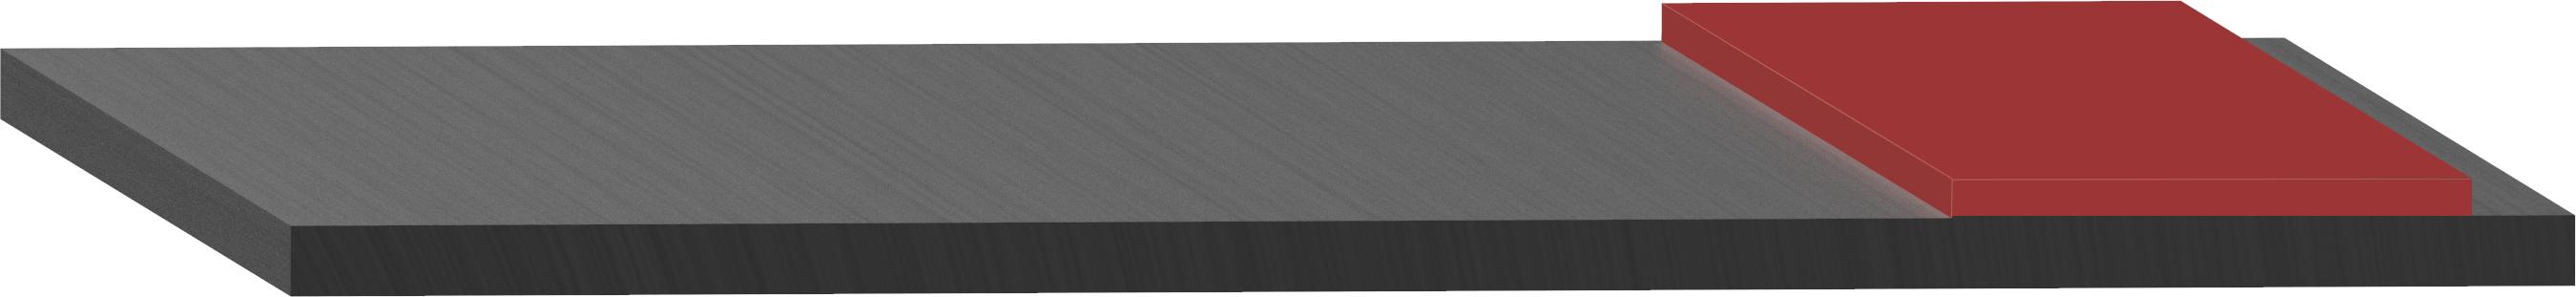 Uni-Grip part: TS-026